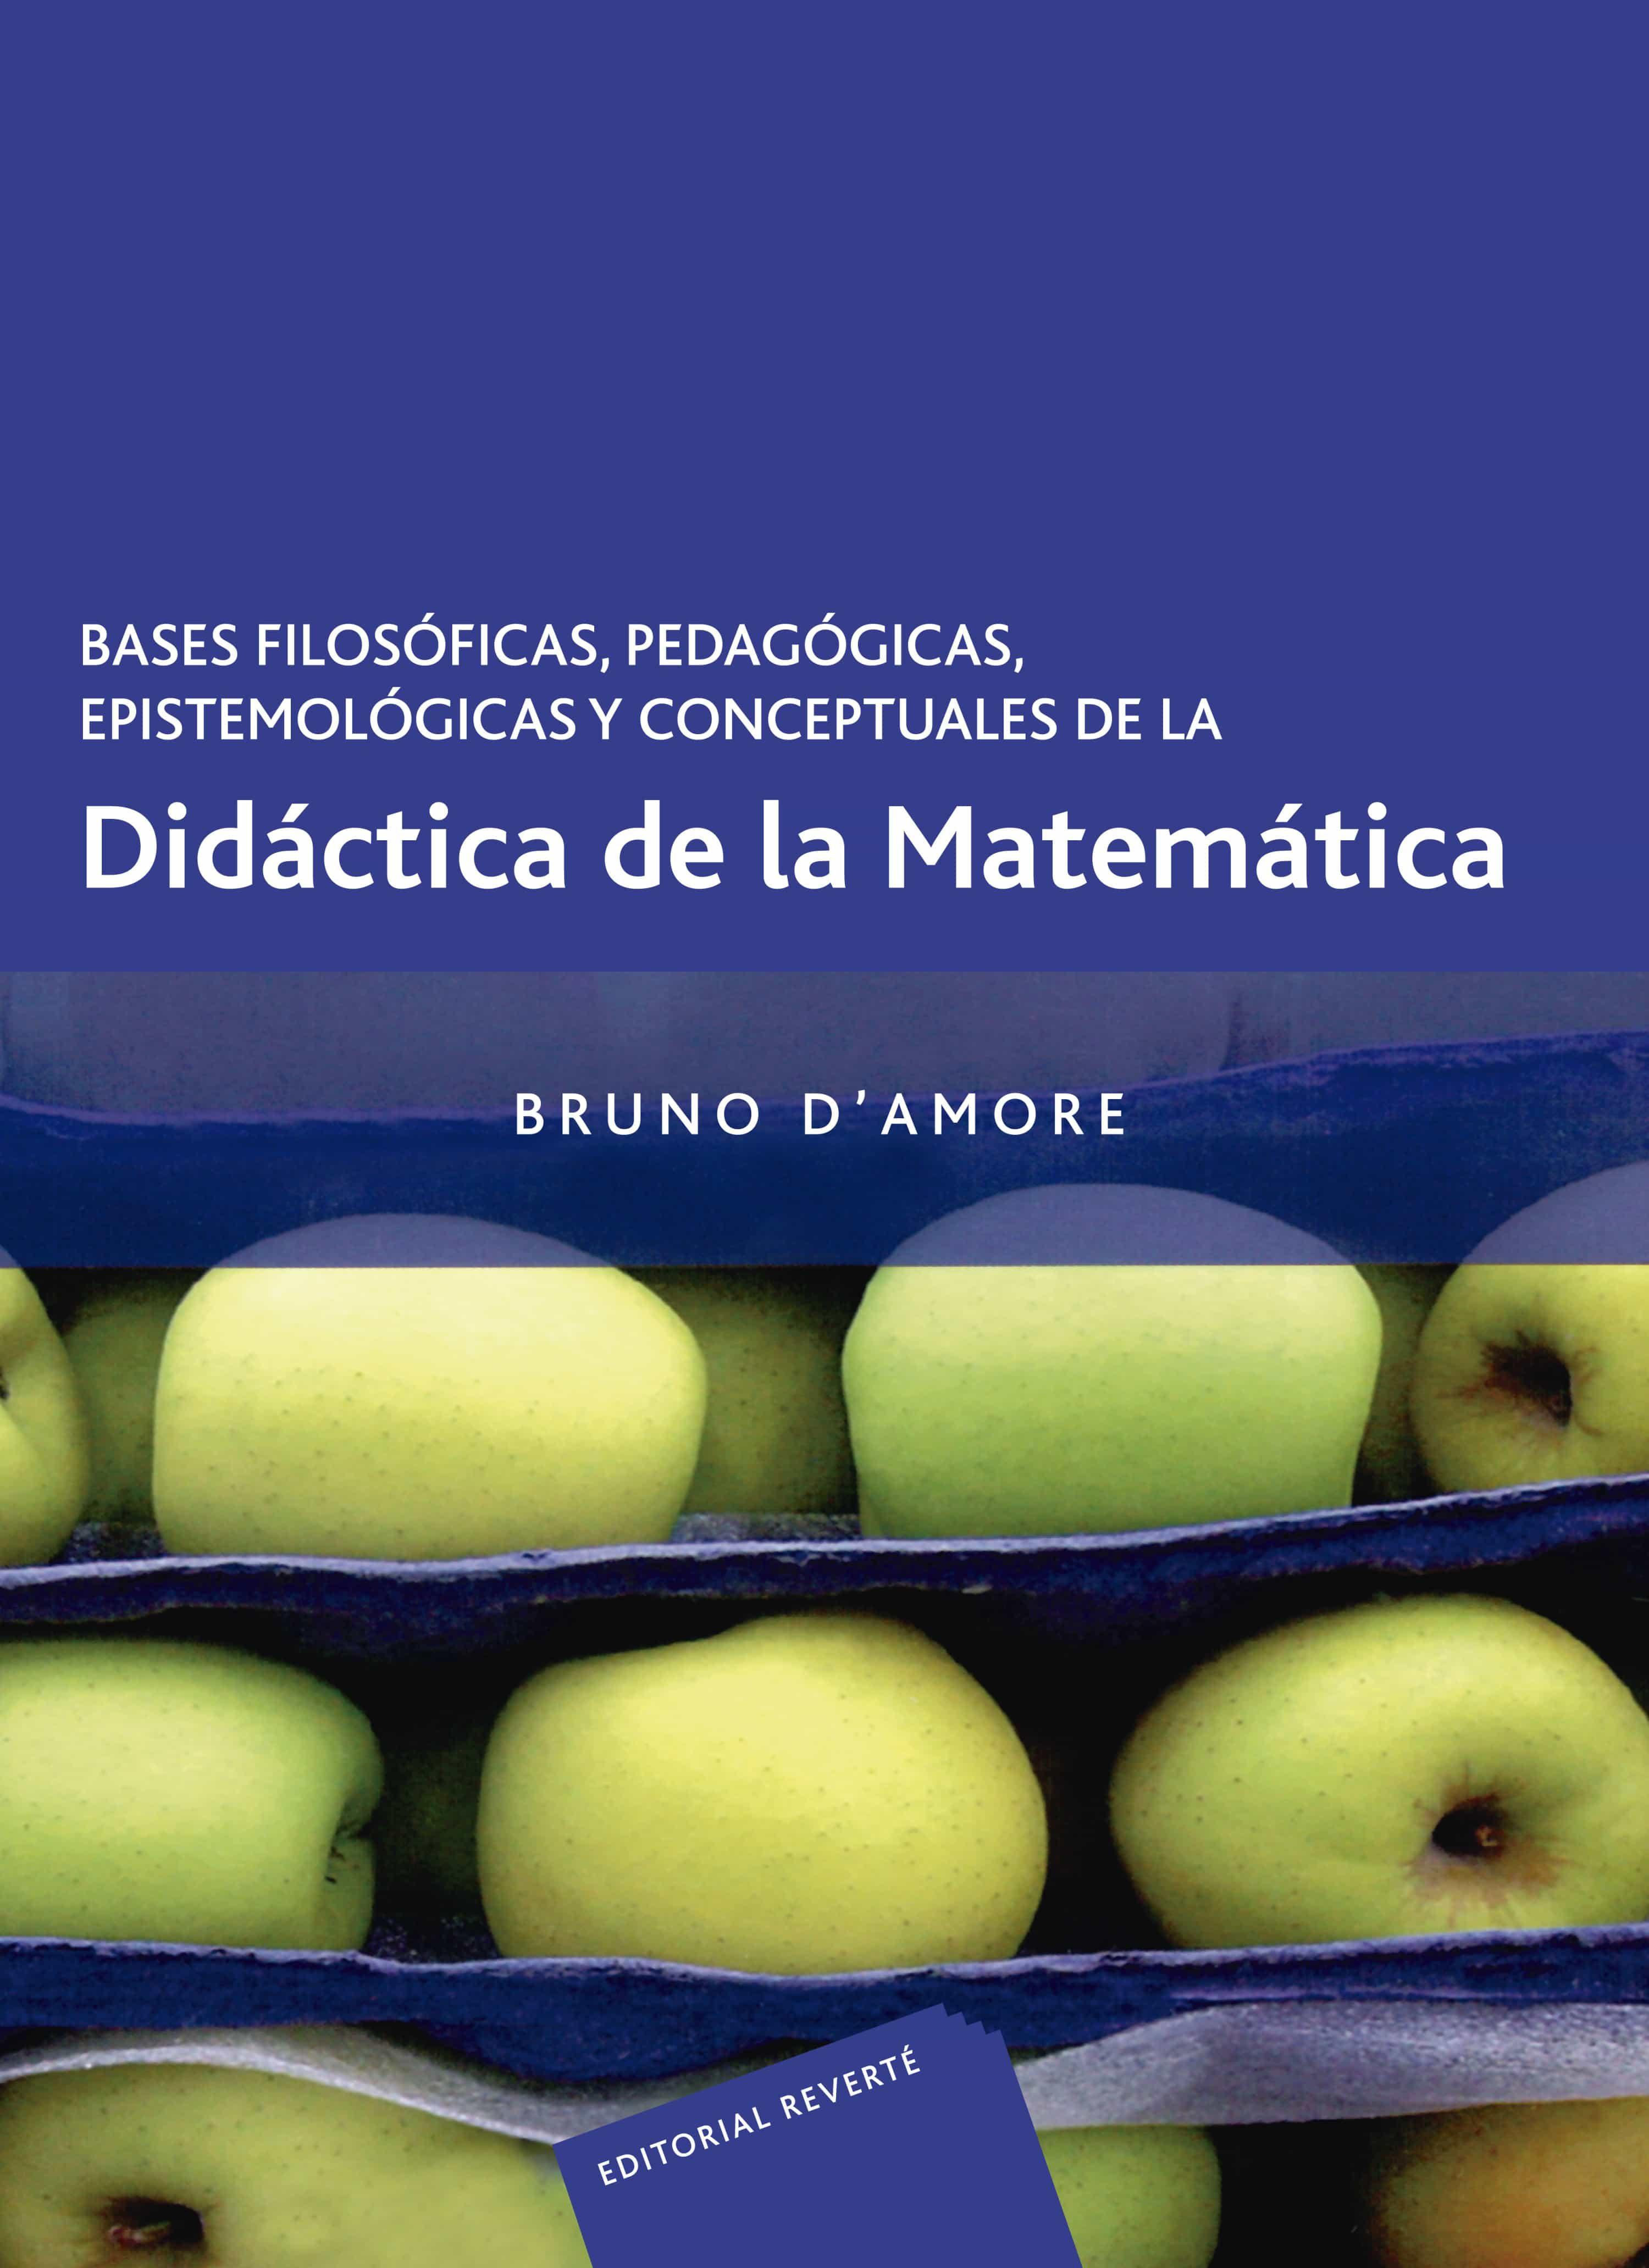 Bases Filosoficas, Pedagogicas, Epistemologicas Y Conceptuales De La Didactica De La Matematica por Bruno D Amore Gratis